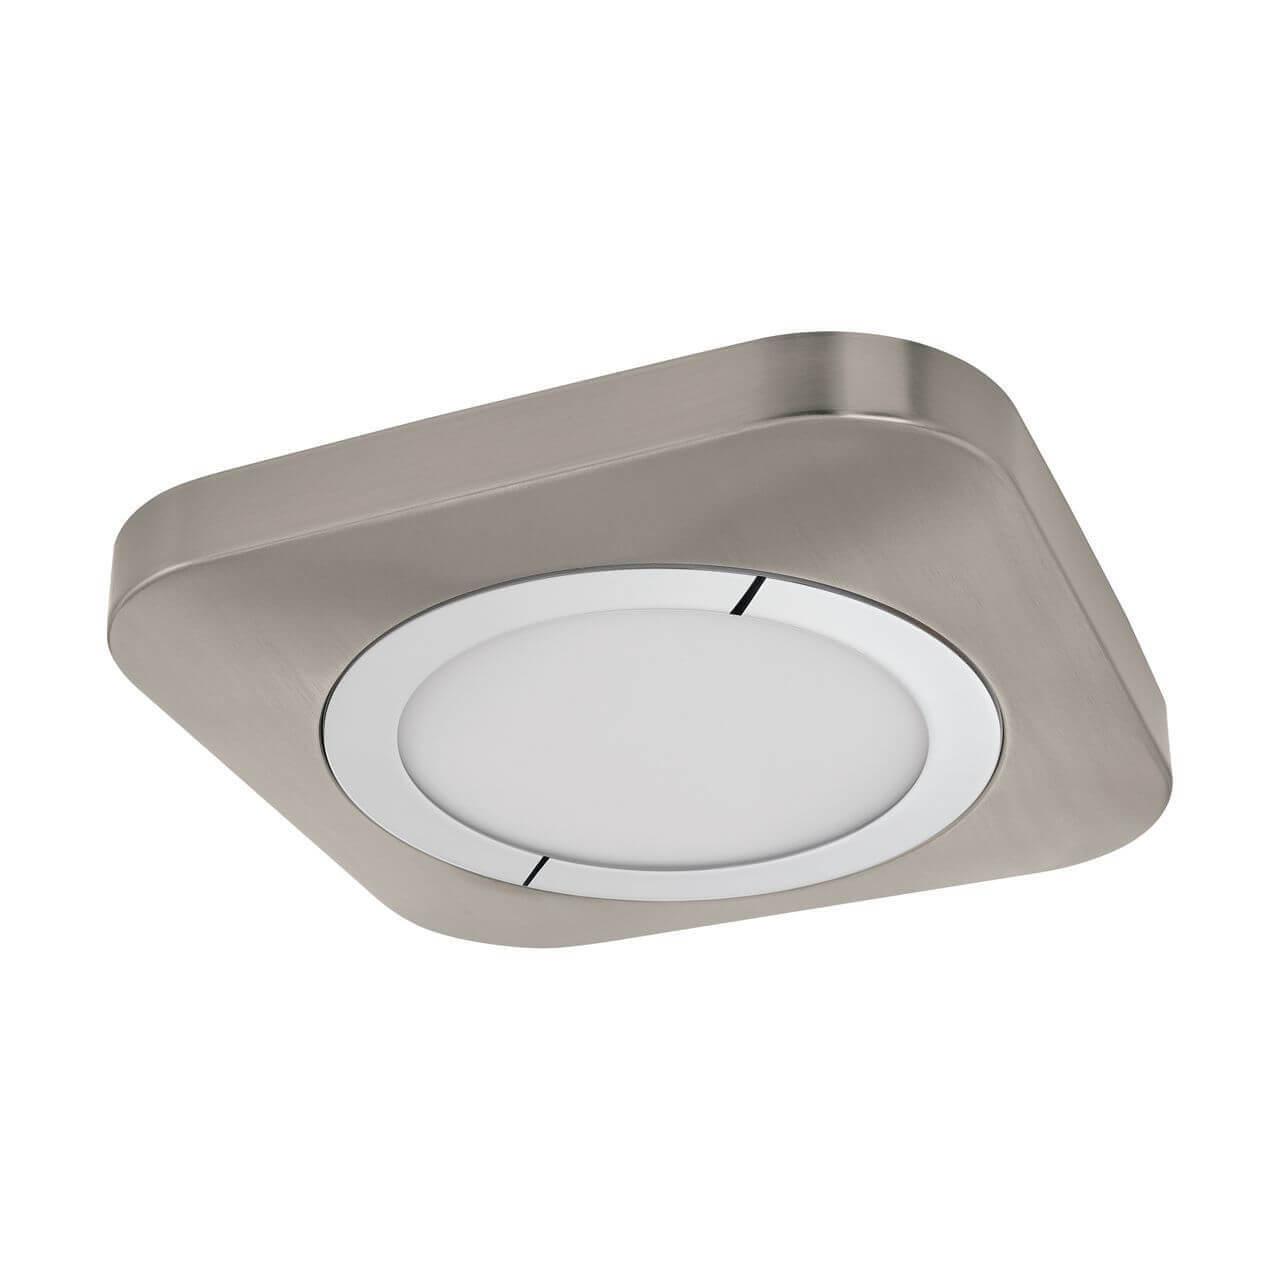 лучшая цена Настенно-потолочный светодиодный светильник Eglo Puyo 96395